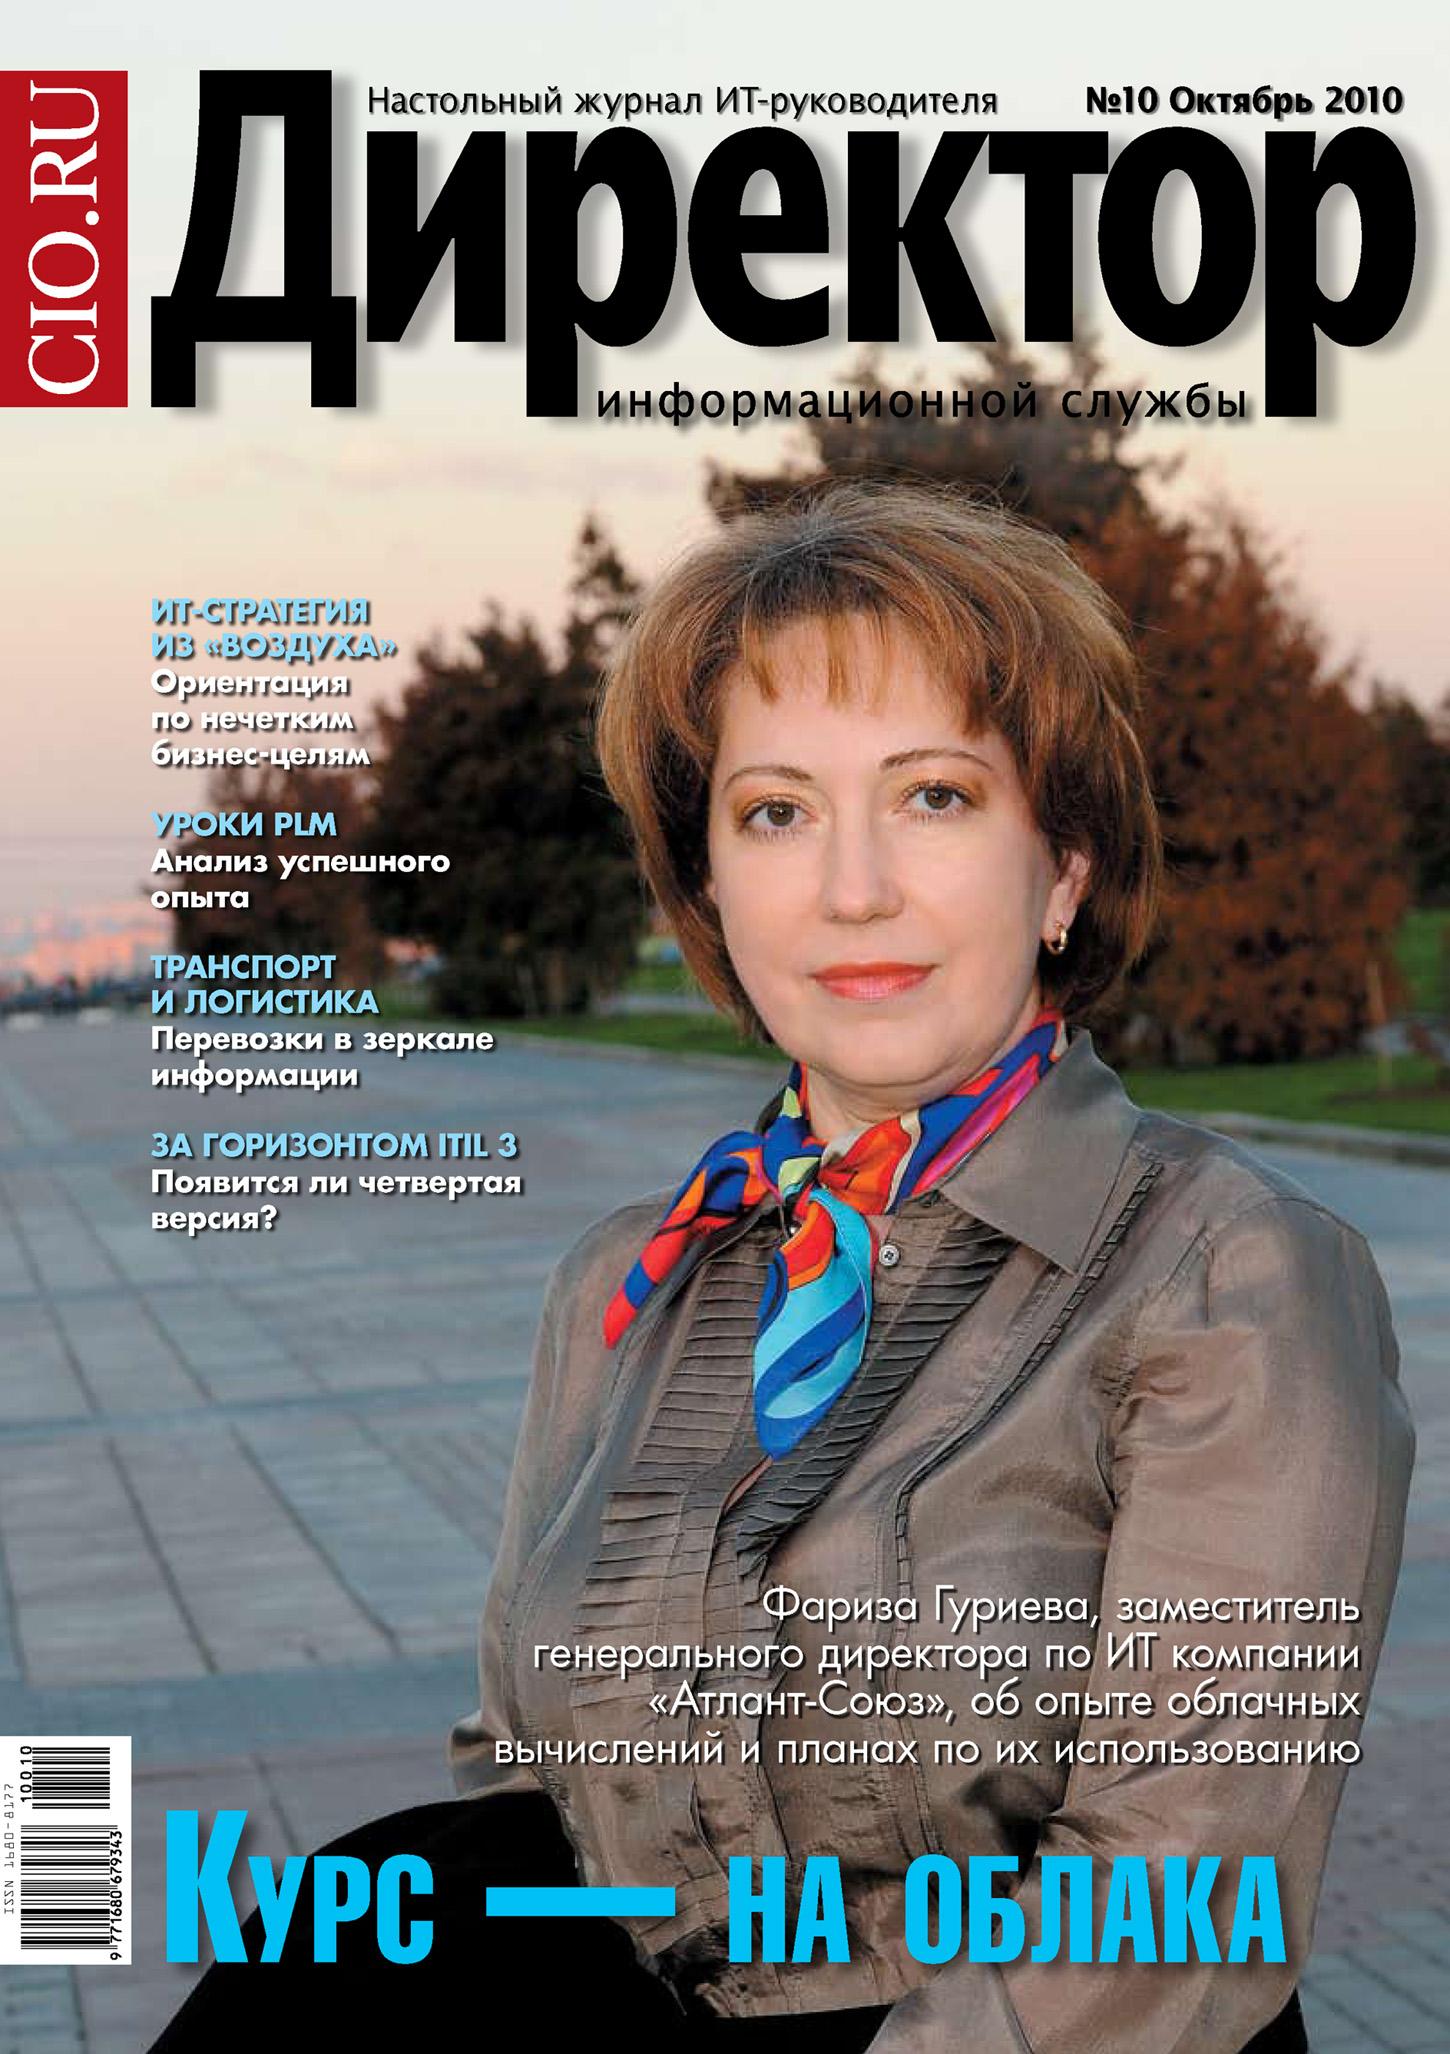 Директор информационной службы №10/2010